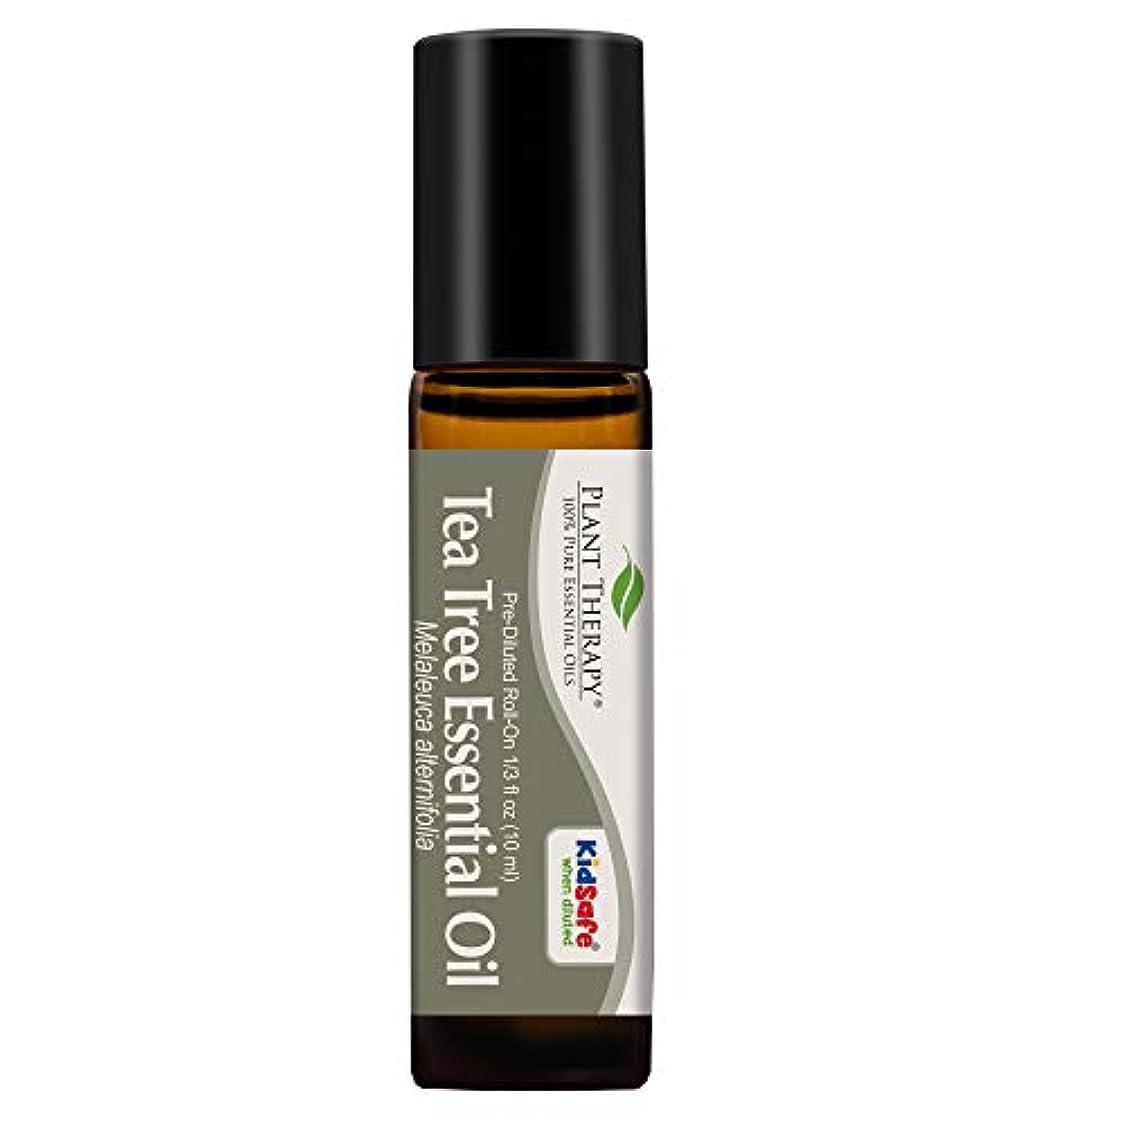 平らにする崇拝する遠洋のPlant Therapy Tea Tree Pre-Diluted Roll-On 10 ml (1/3 fl oz) 100% Pure, Therapeutic Grade